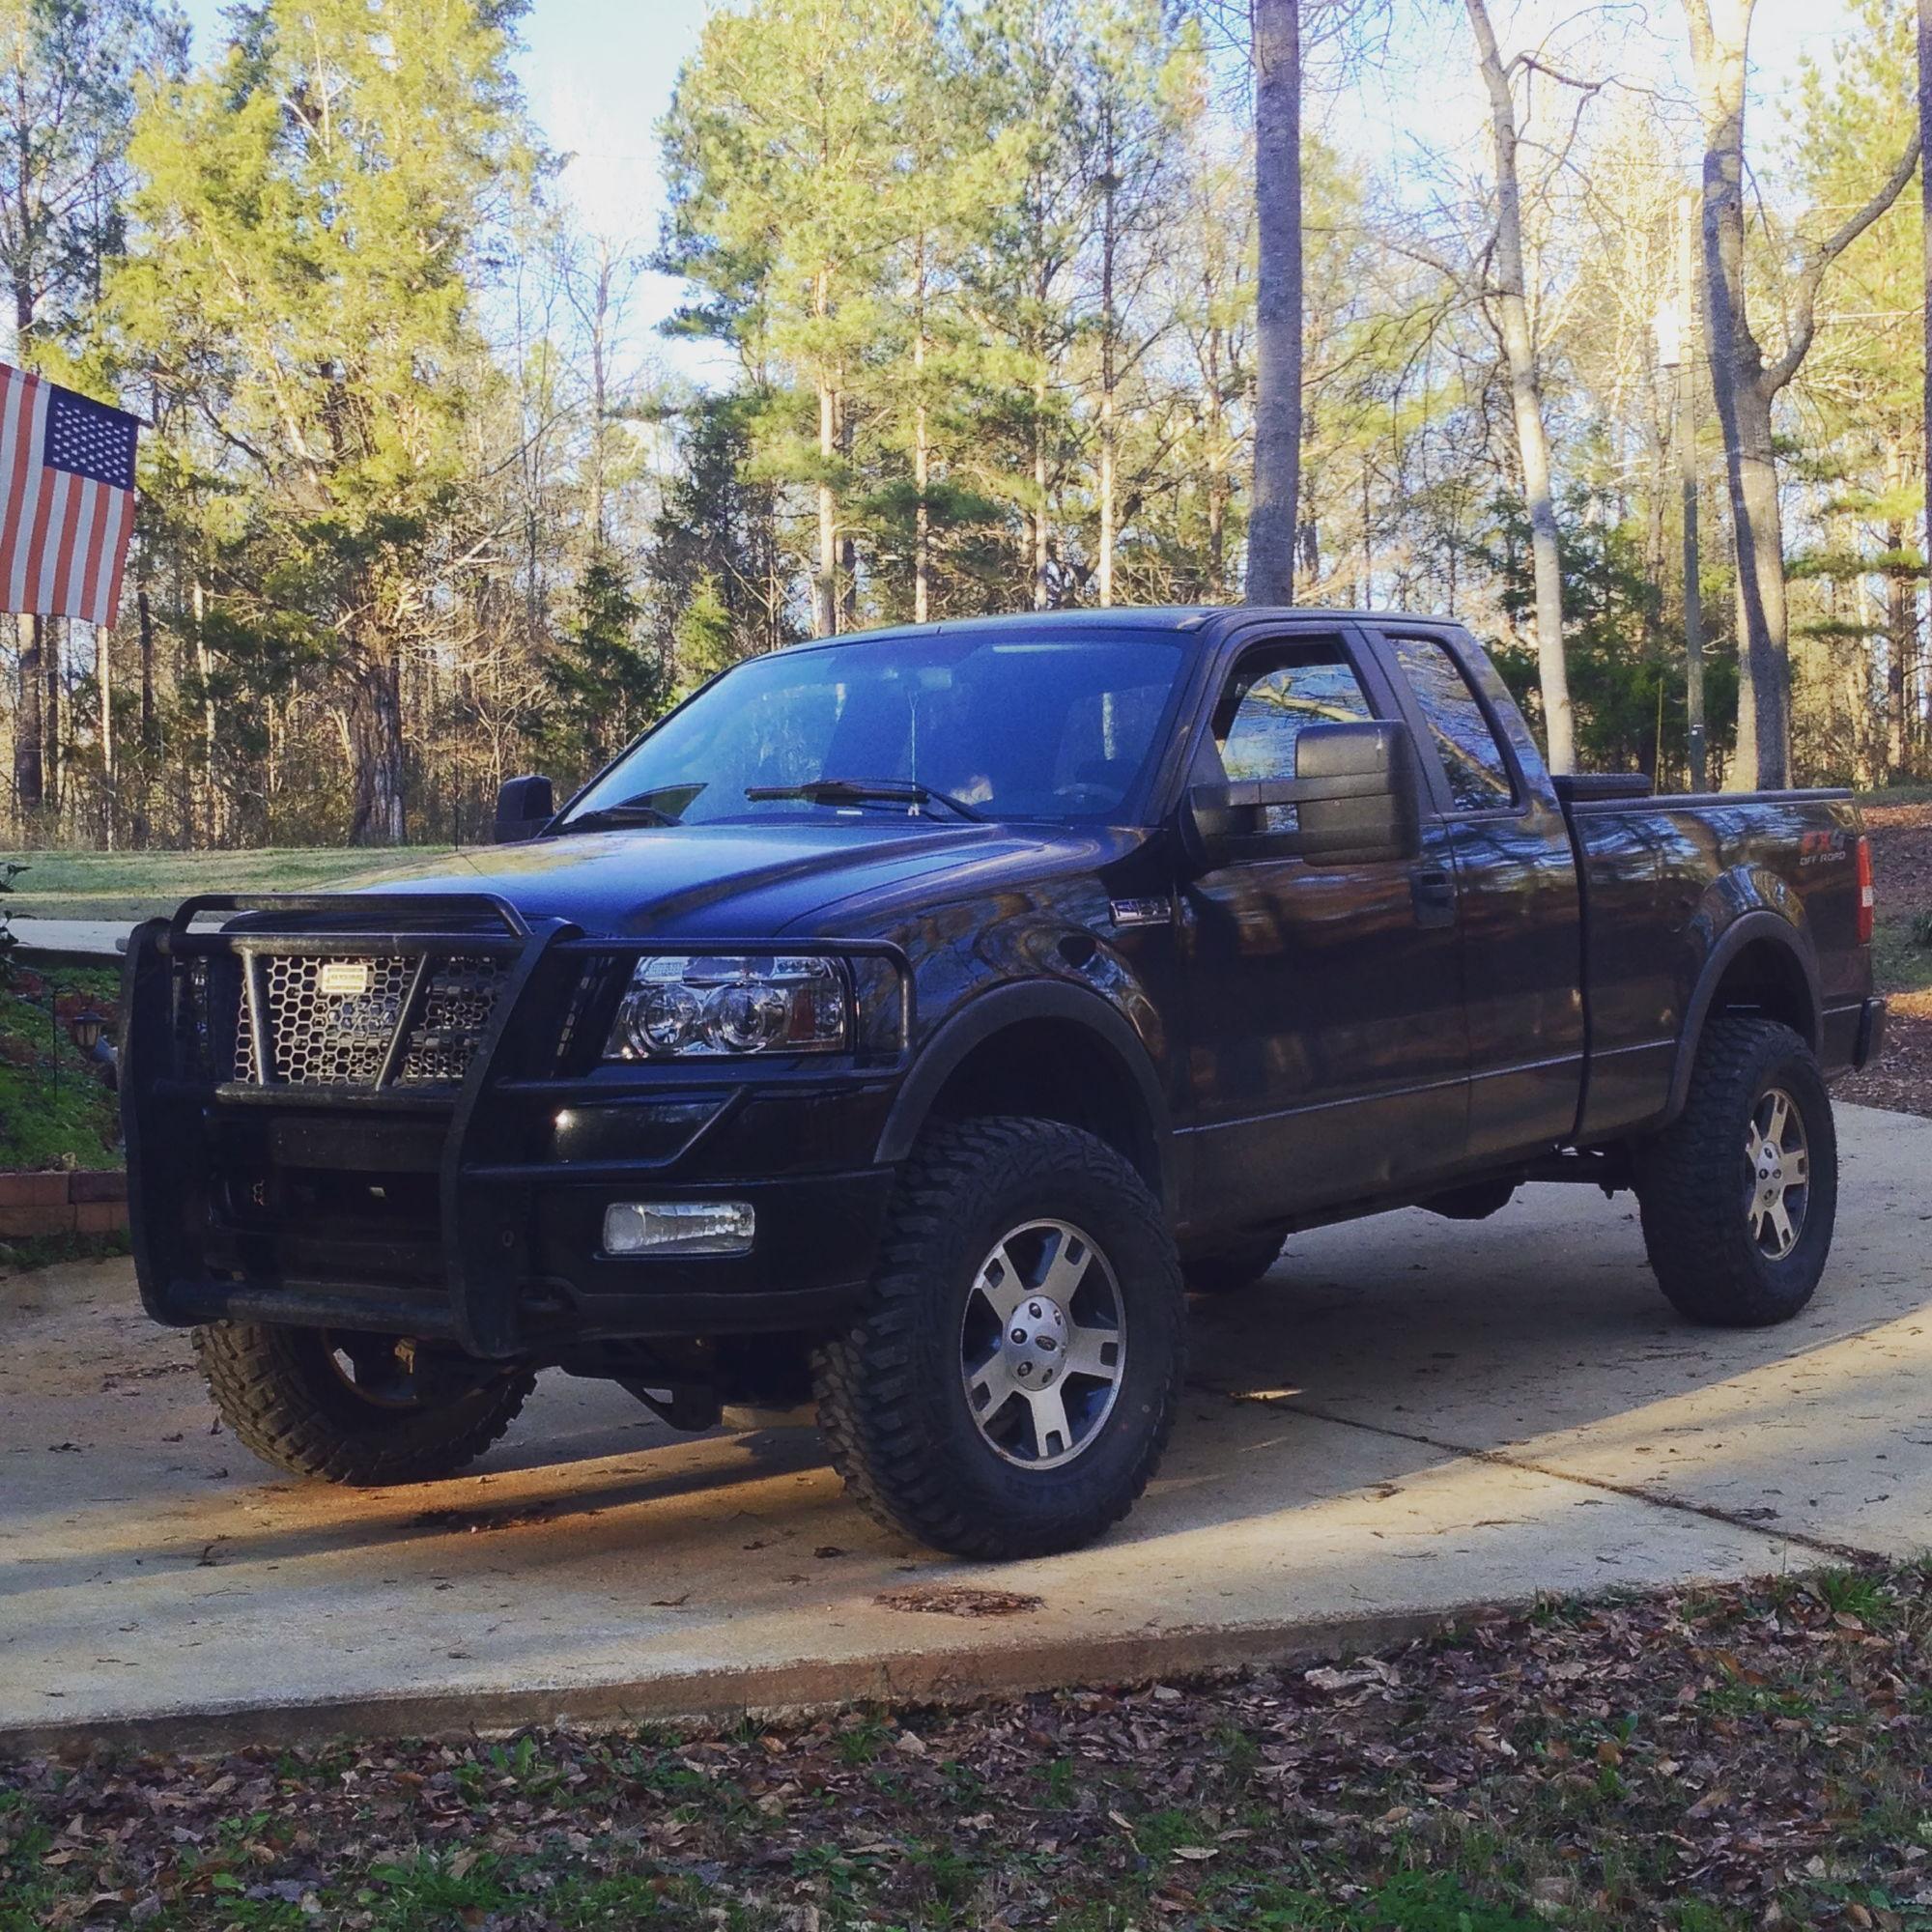 Used 2013 Chevy Silverado Black Widow.html   Autos Weblog